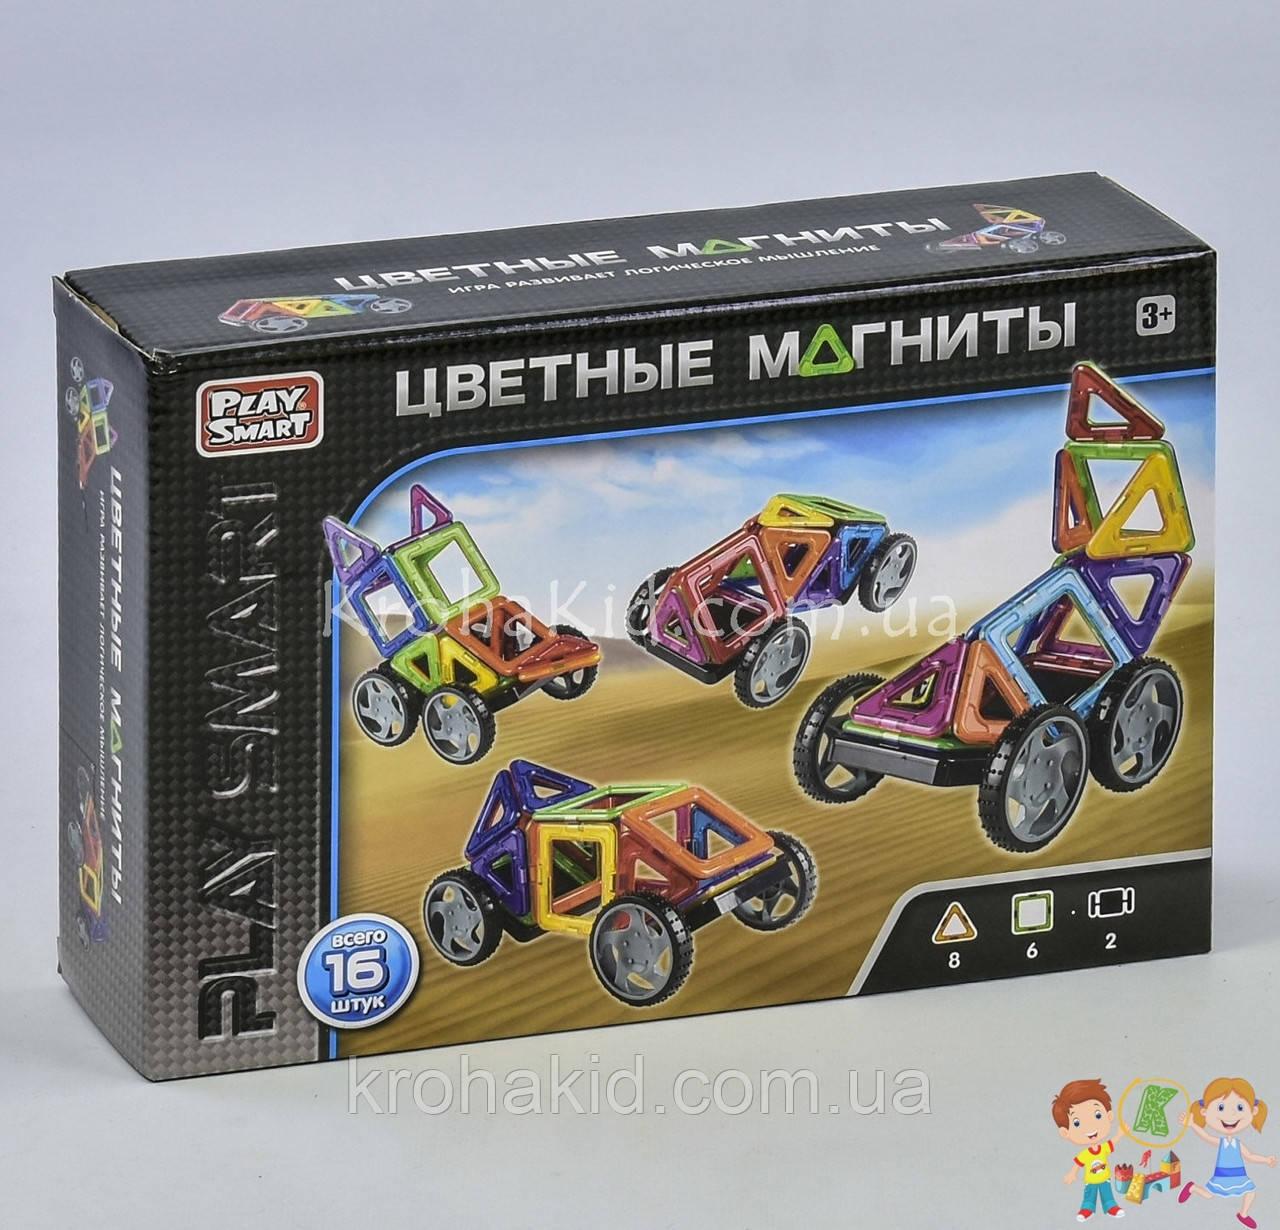 """Конструктор магнитный 2426 Play Smart """"Цветные магниты"""", 5 моделей (16 деталей)"""